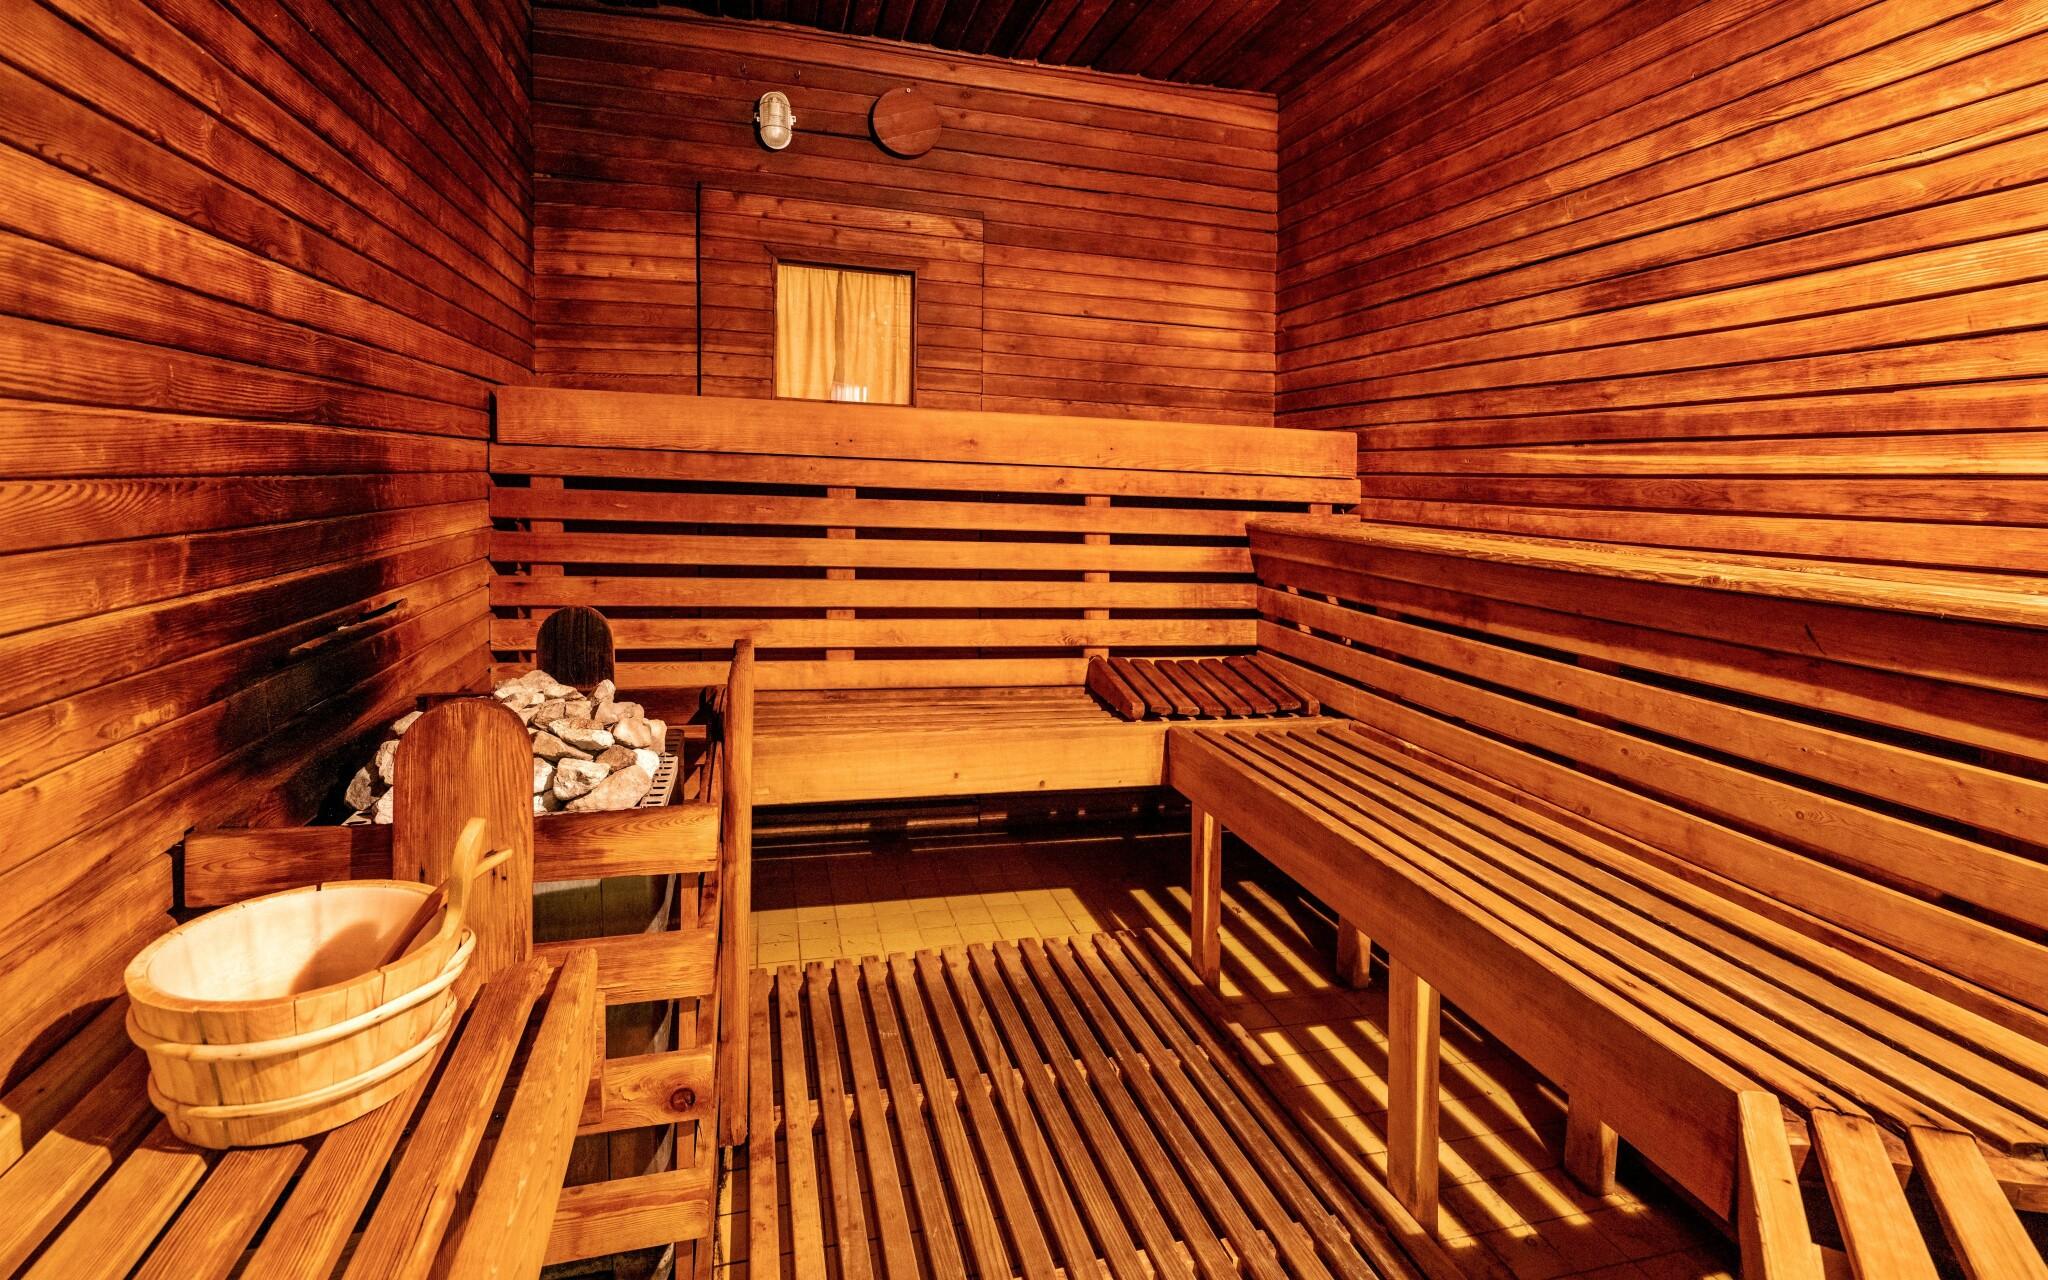 Počas pobytu si môžete užiť neobmedzený vstup do sauny